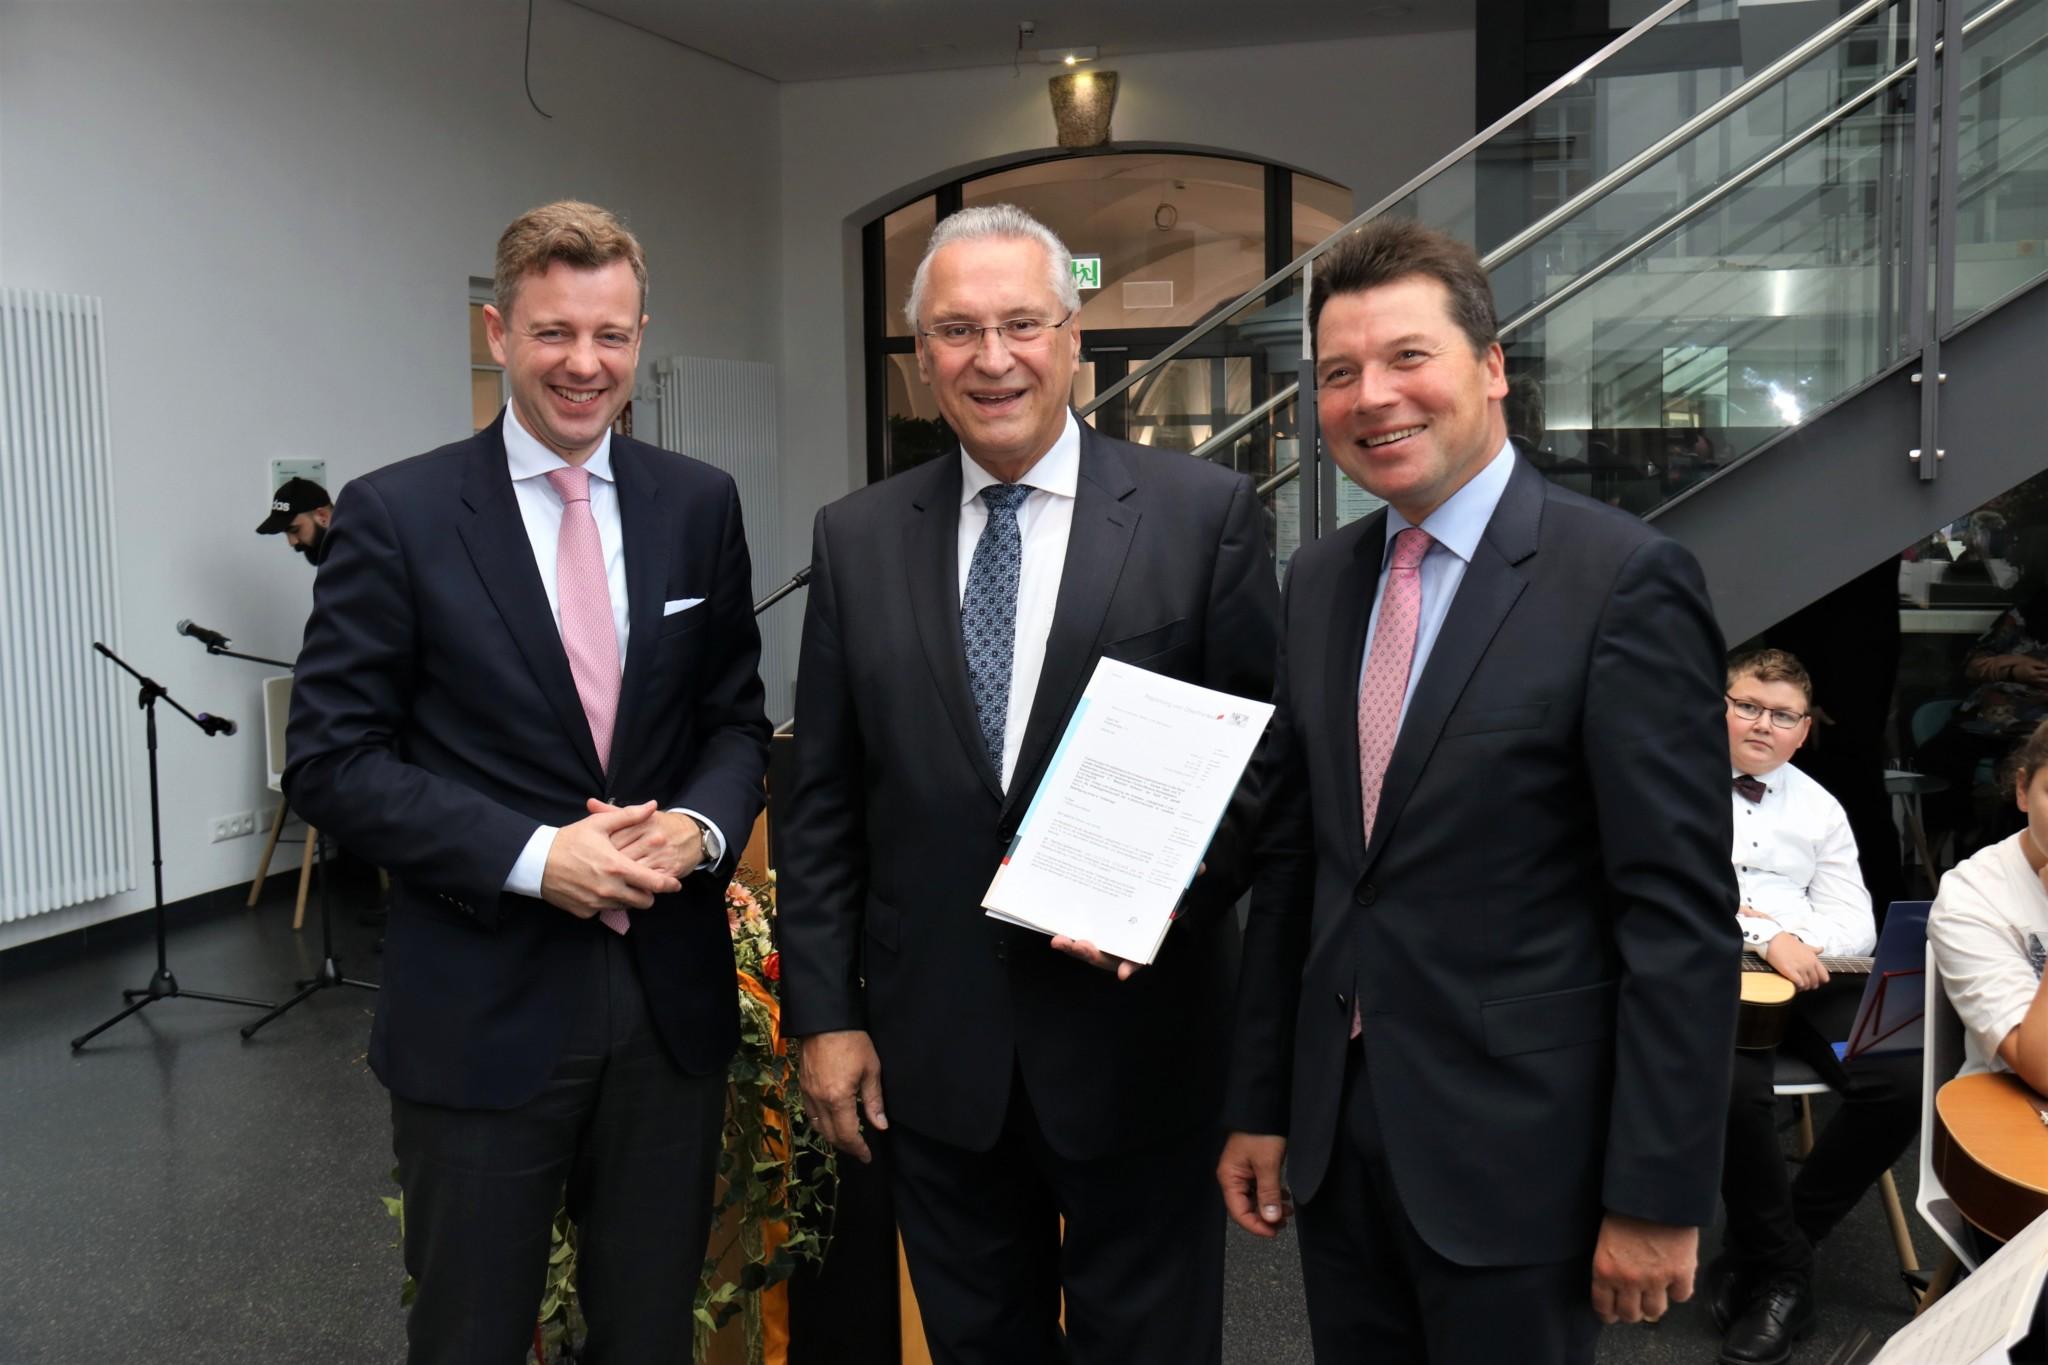 Bayerns Innenminister Joachim Herrmann übergibt den Zuwendungsbescheid an die Vorstandsvorsitzenden der VHS Hofer Land, Landrat Dr. Oliver Bär und Oberbürgermeister Dr. Harald Fichtner